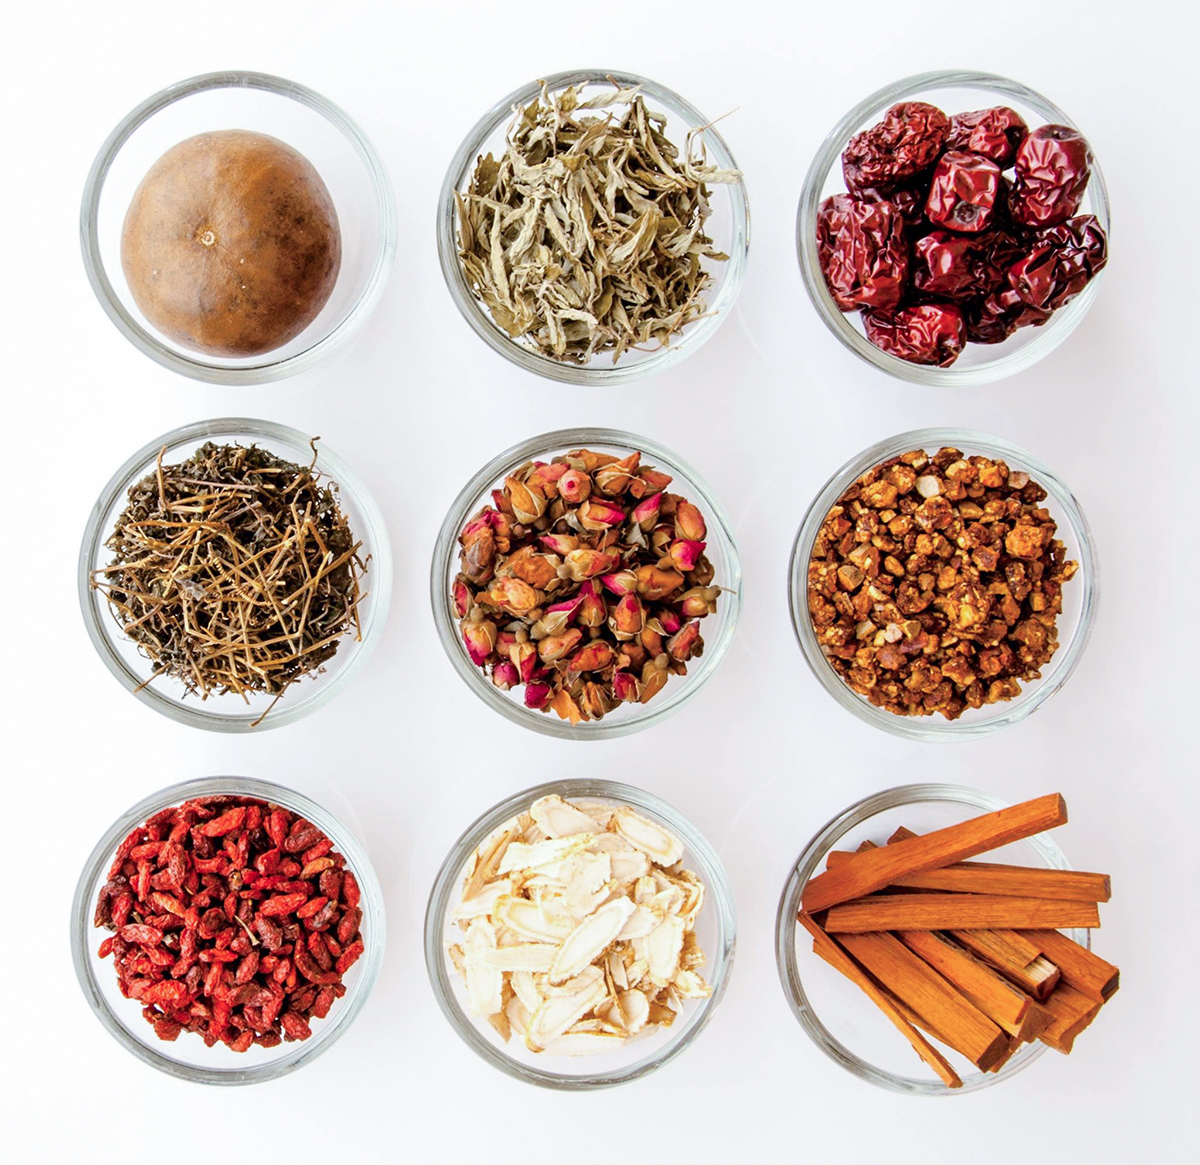 付属のミルで乾物の栄養を丸ごと摂れる|氷も皮付き野菜も滑らかなスムージーに…パワフルな小型ブレンダー(ミルセット)|ferrano